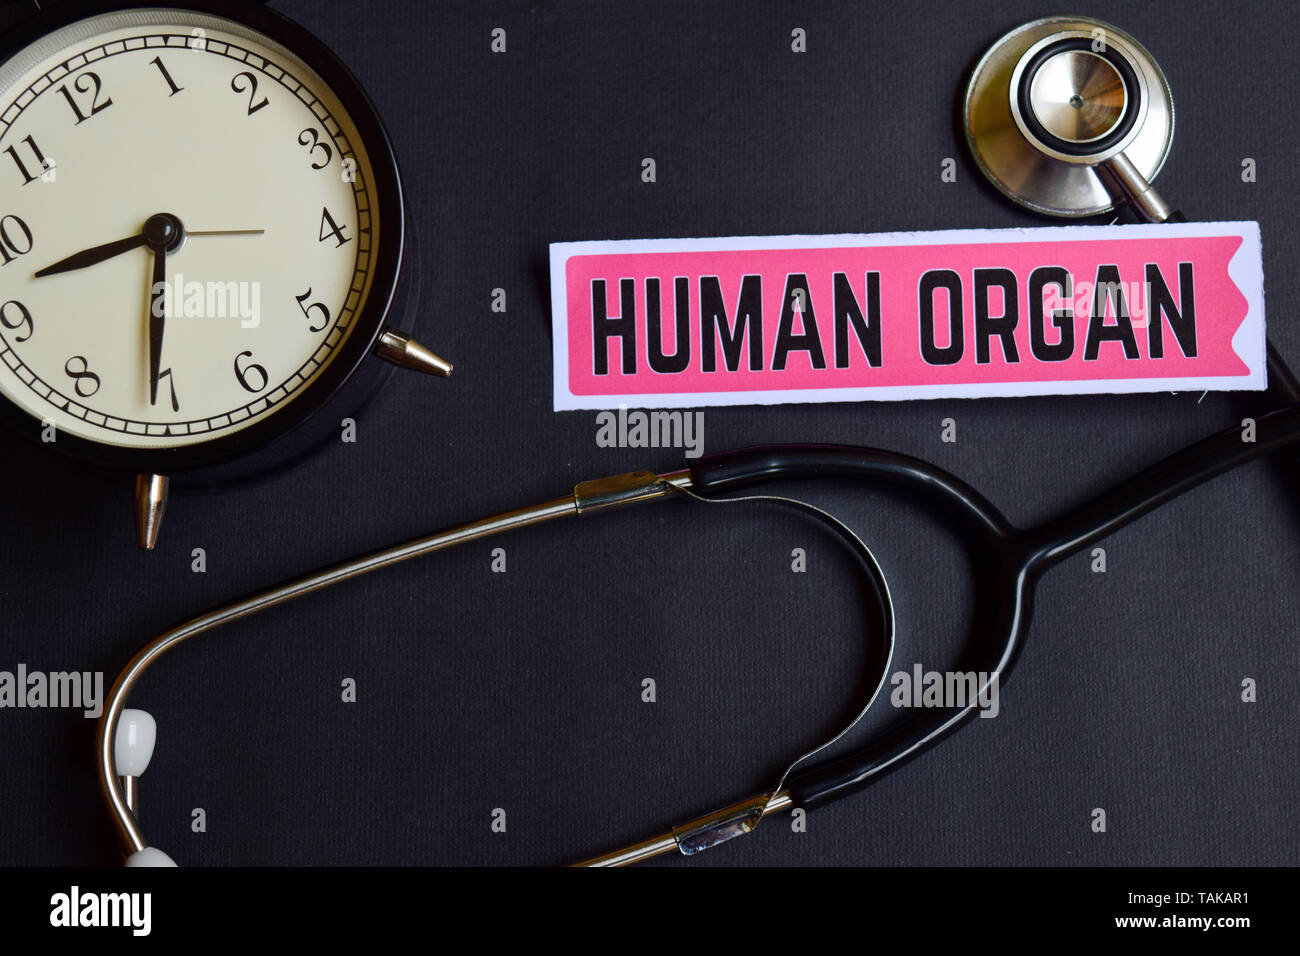 Órgano humano sobre el papel con concepto sanitario inspiración. reloj alarma, Negro estetoscopio. Foto de stock